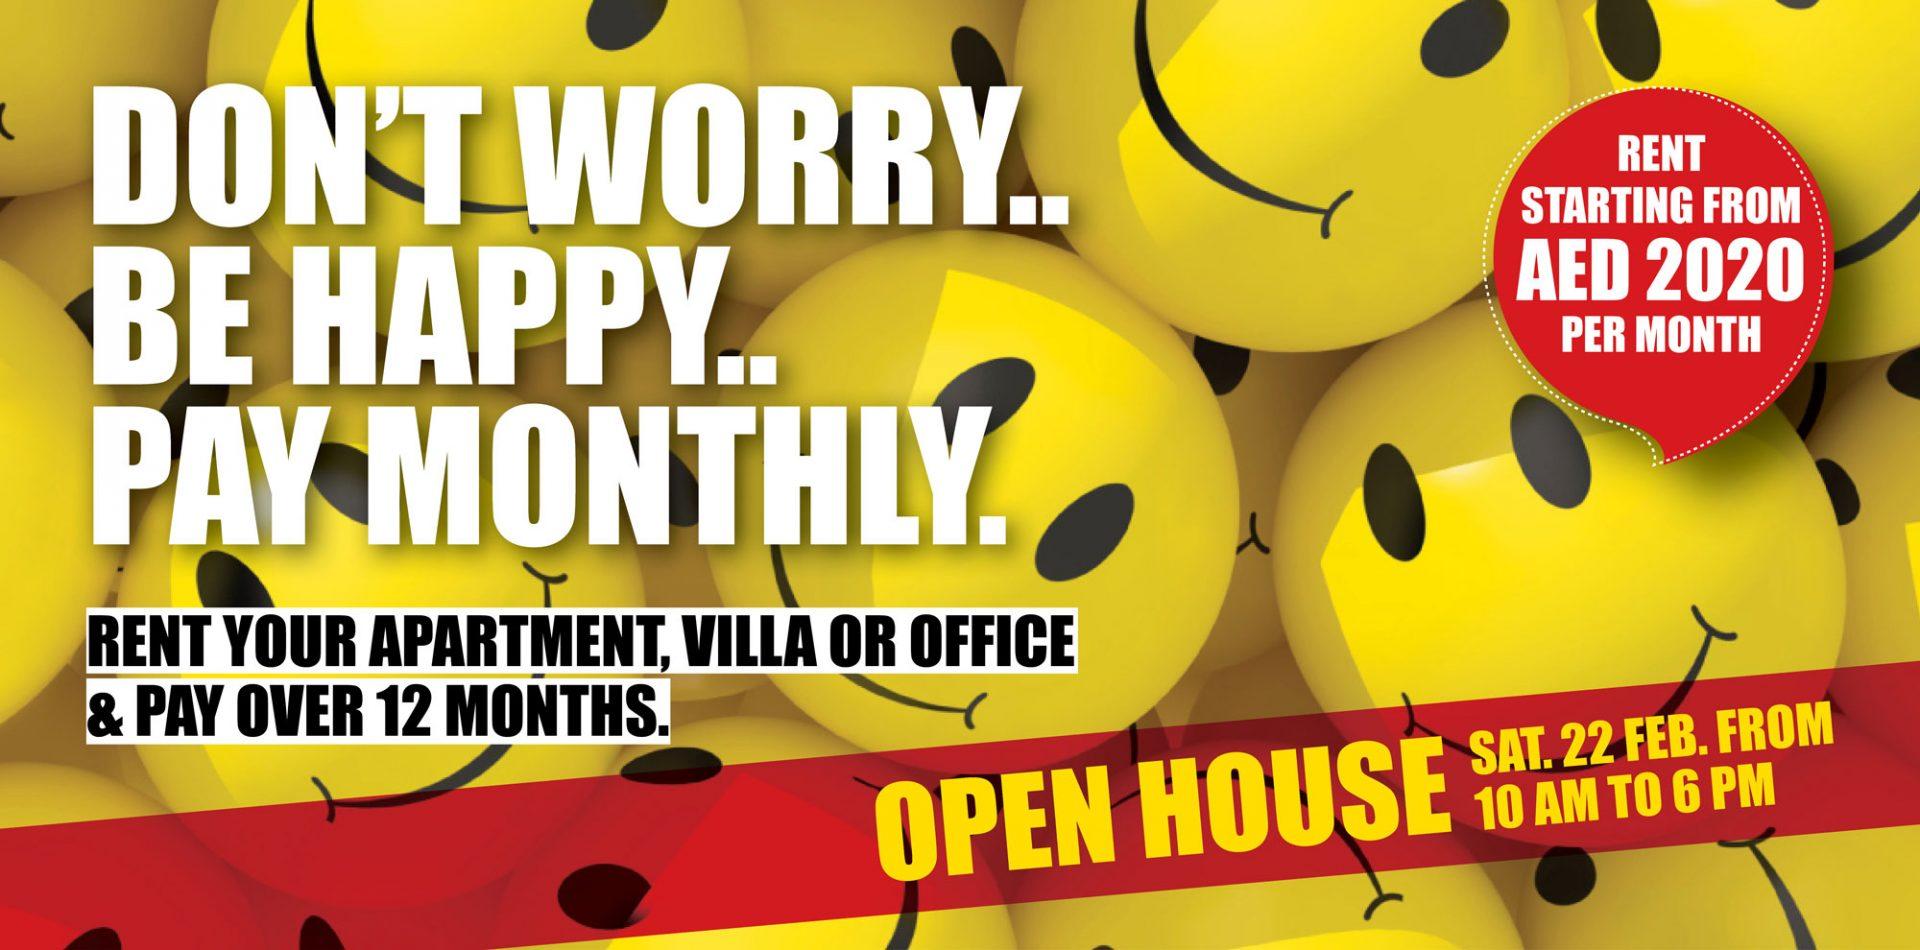 bonanza_offer_banner_open_house_22_feb